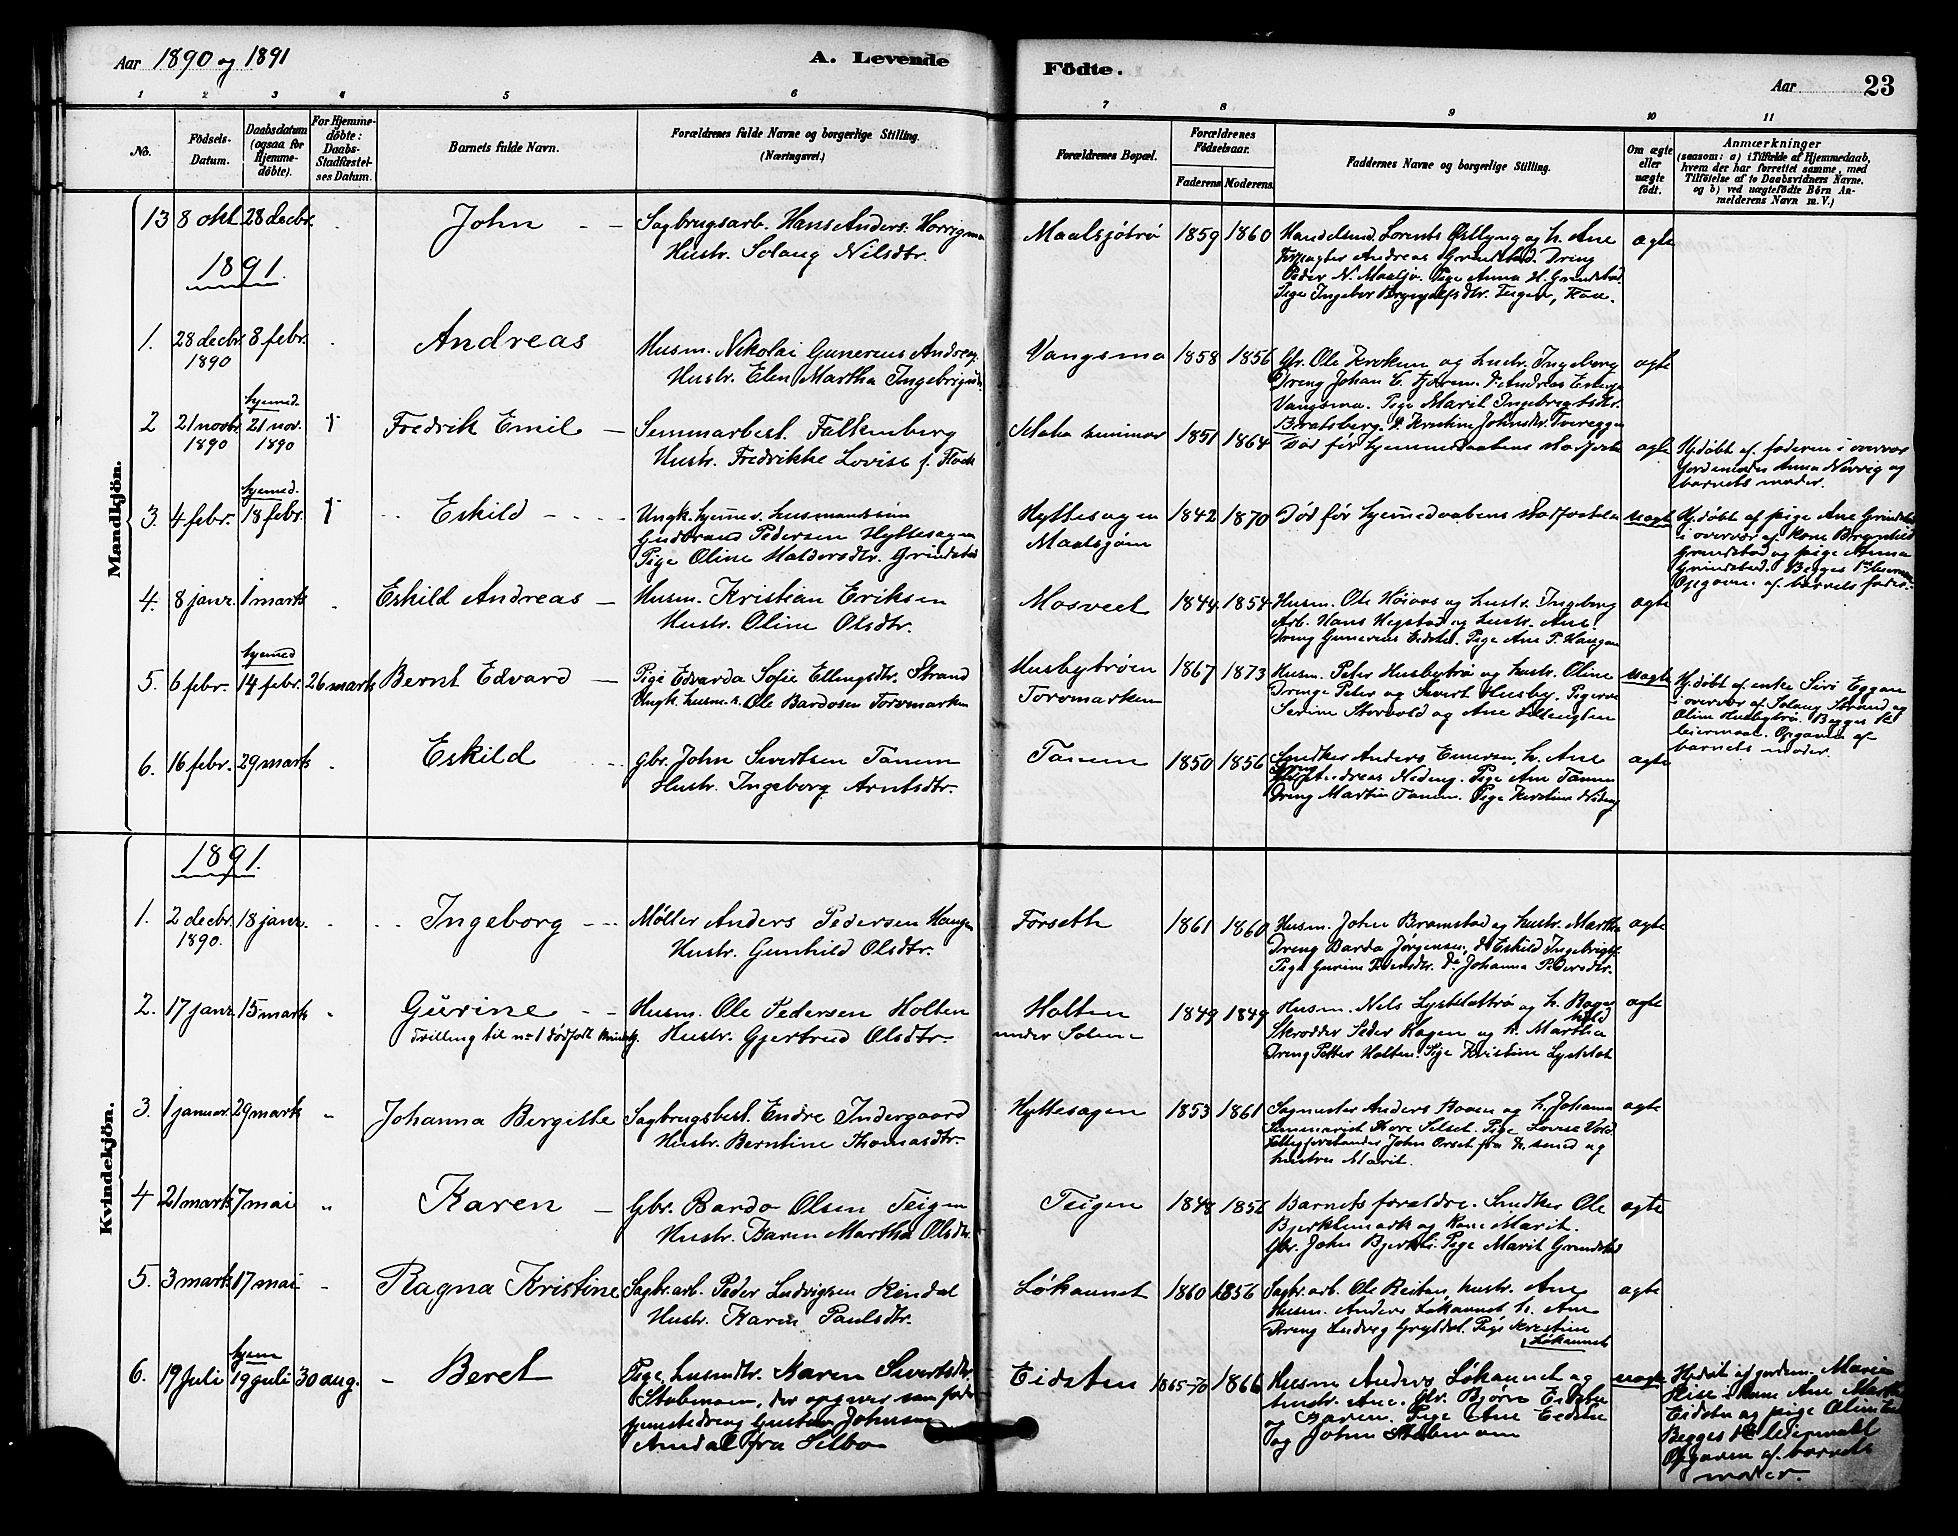 SAT, Ministerialprotokoller, klokkerbøker og fødselsregistre - Sør-Trøndelag, 618/L0444: Ministerialbok nr. 618A07, 1880-1898, s. 23